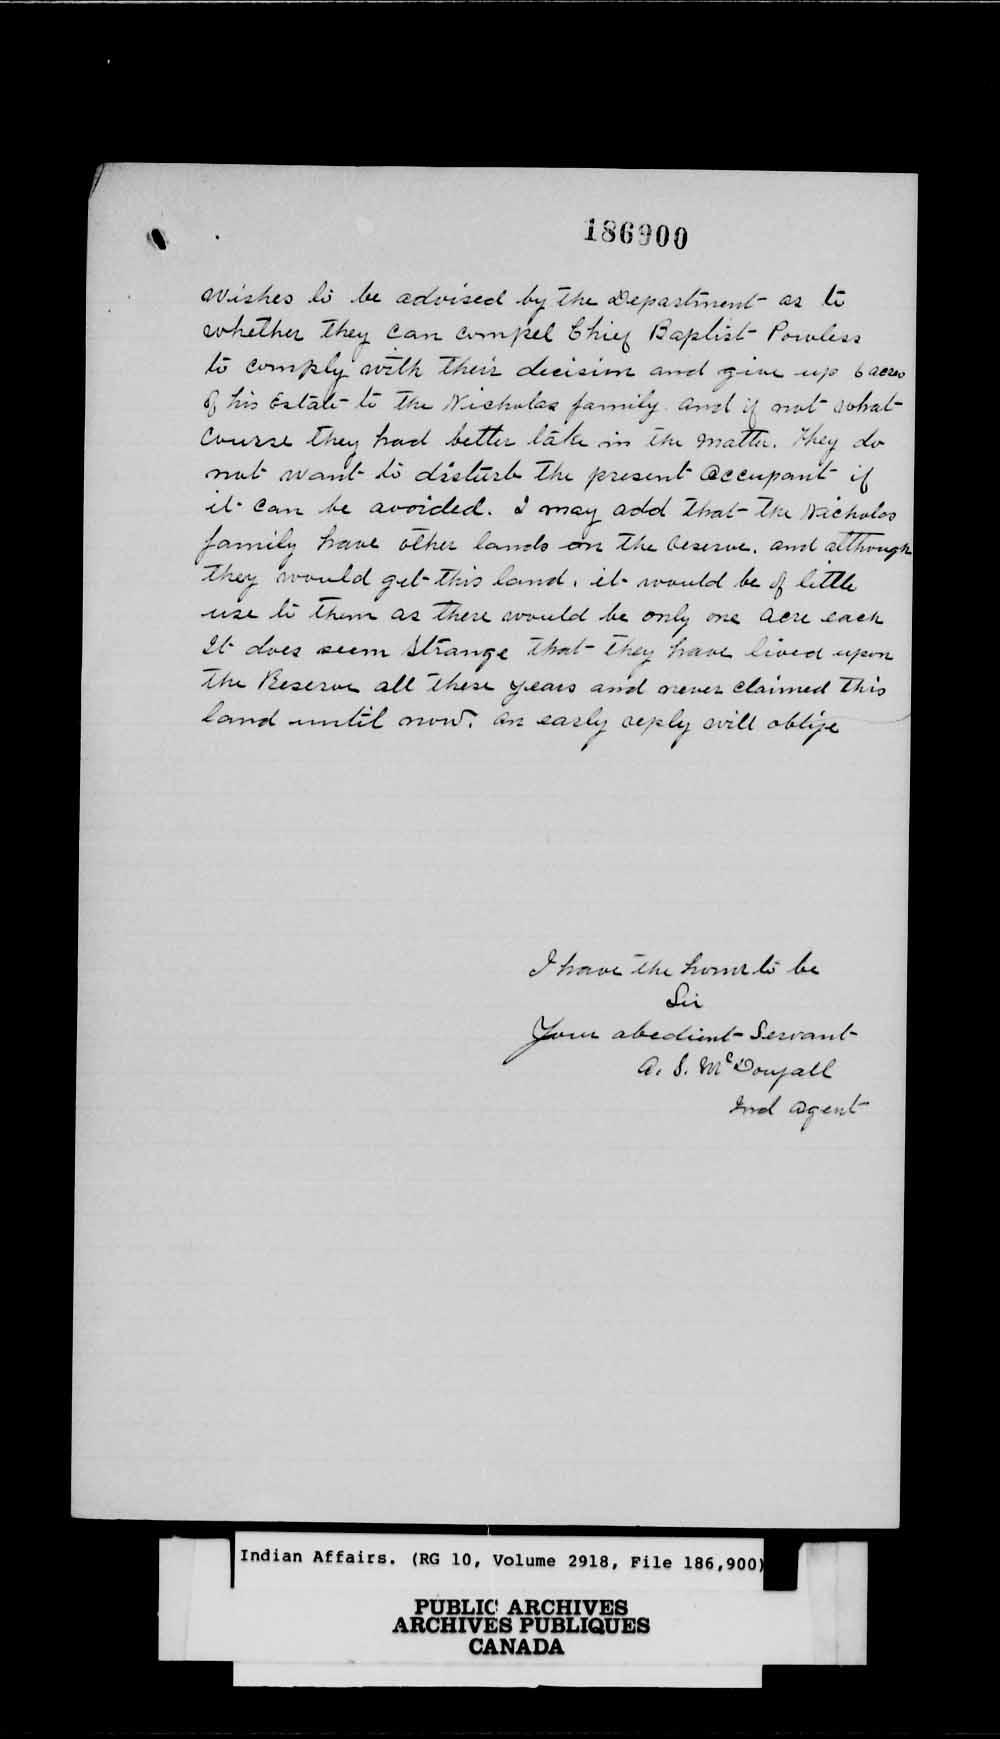 Une deuxième page blanche portant du texte manuscrit noir.